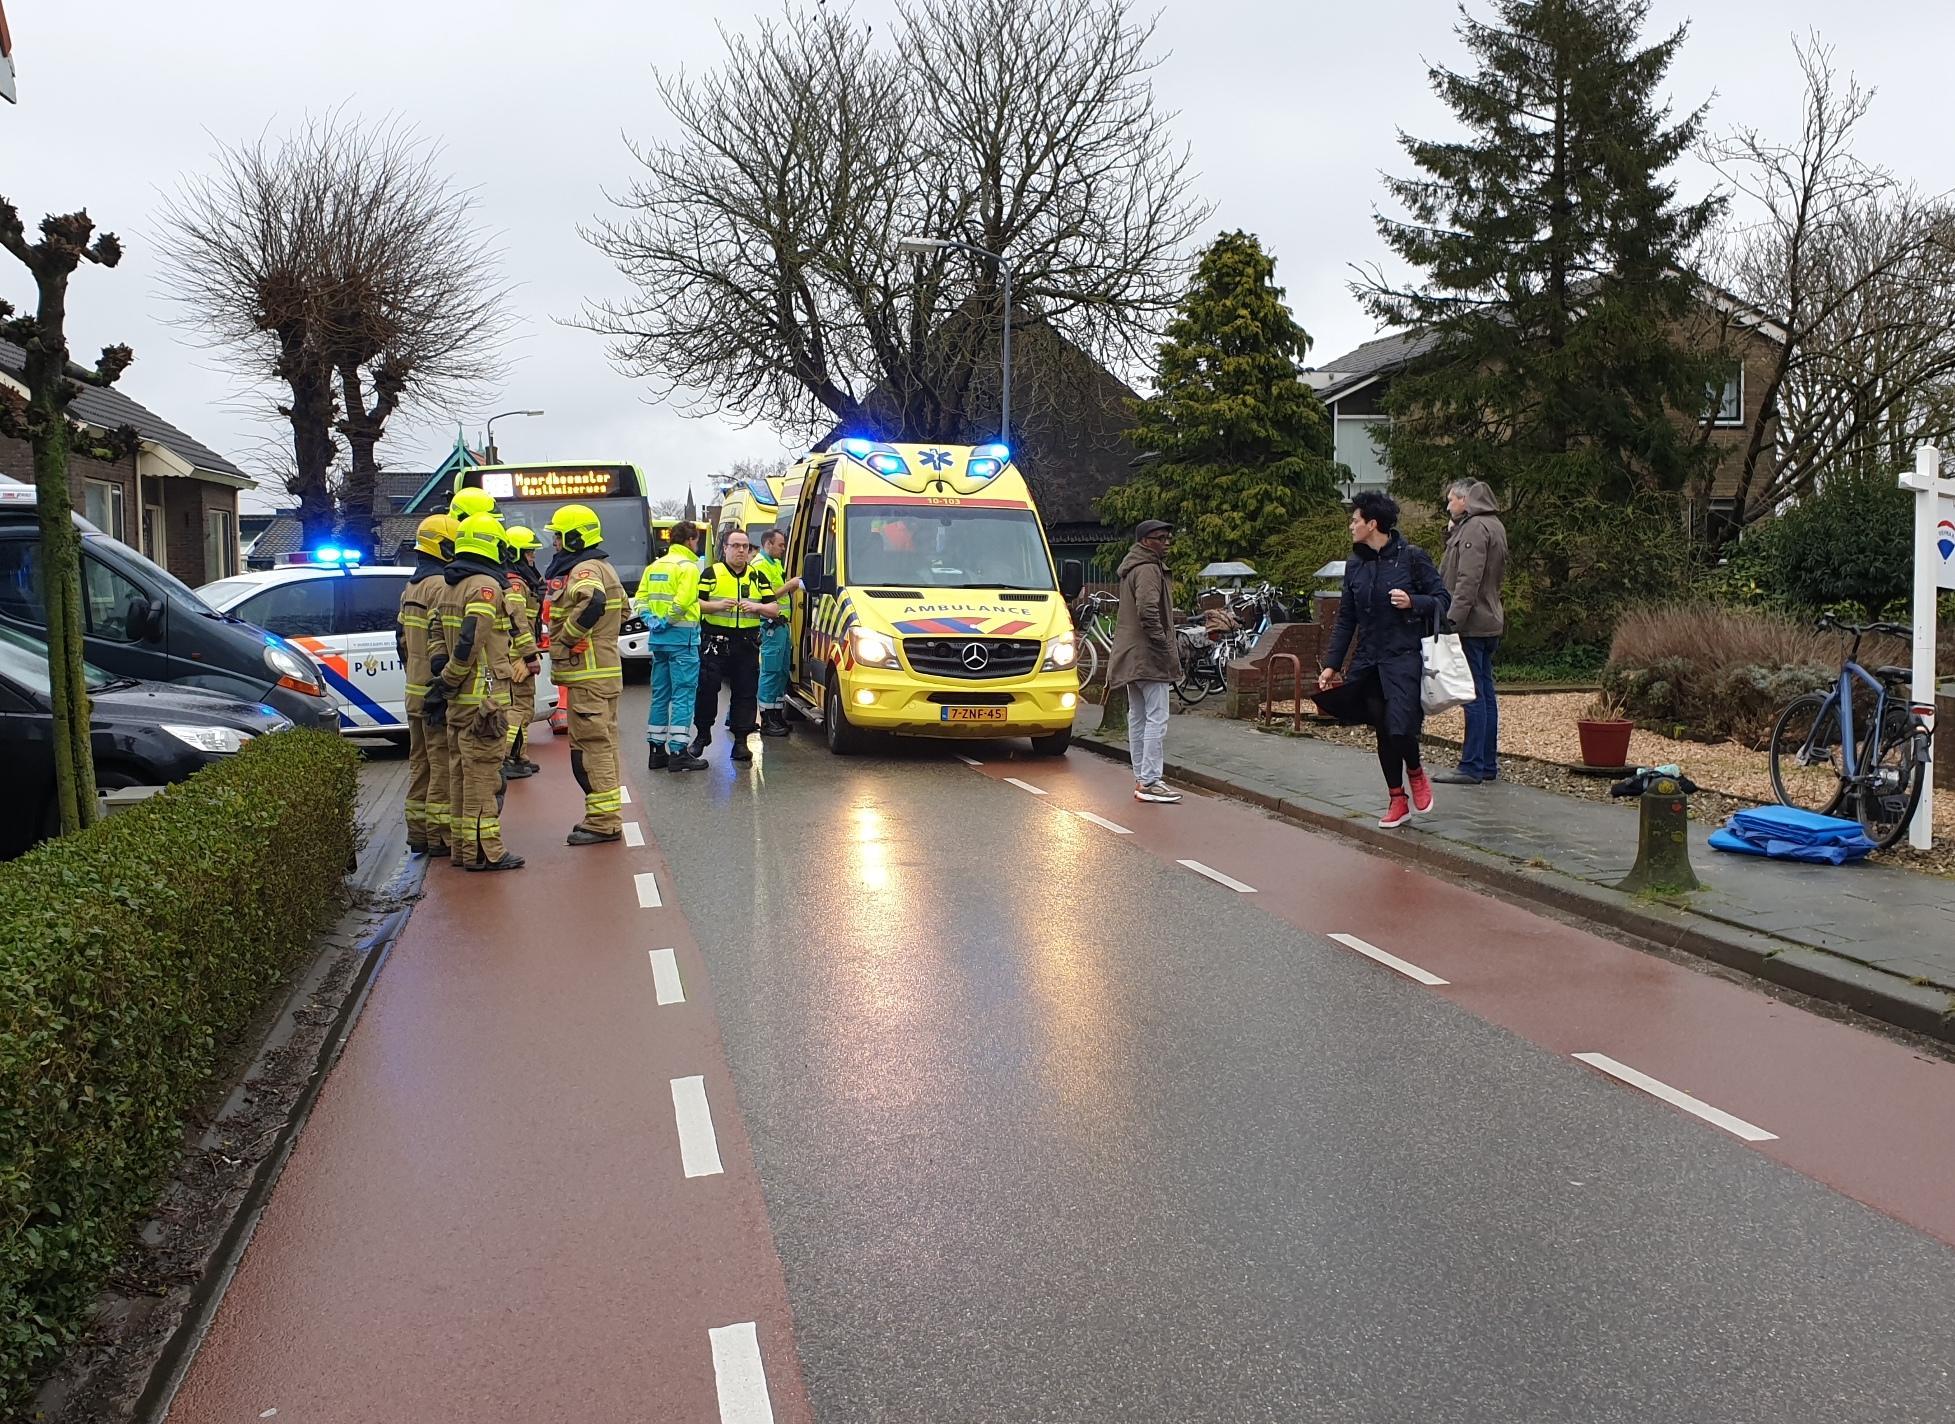 Ernstig ongeval met meisje op fiets en Connexxion-bus in Berkhout